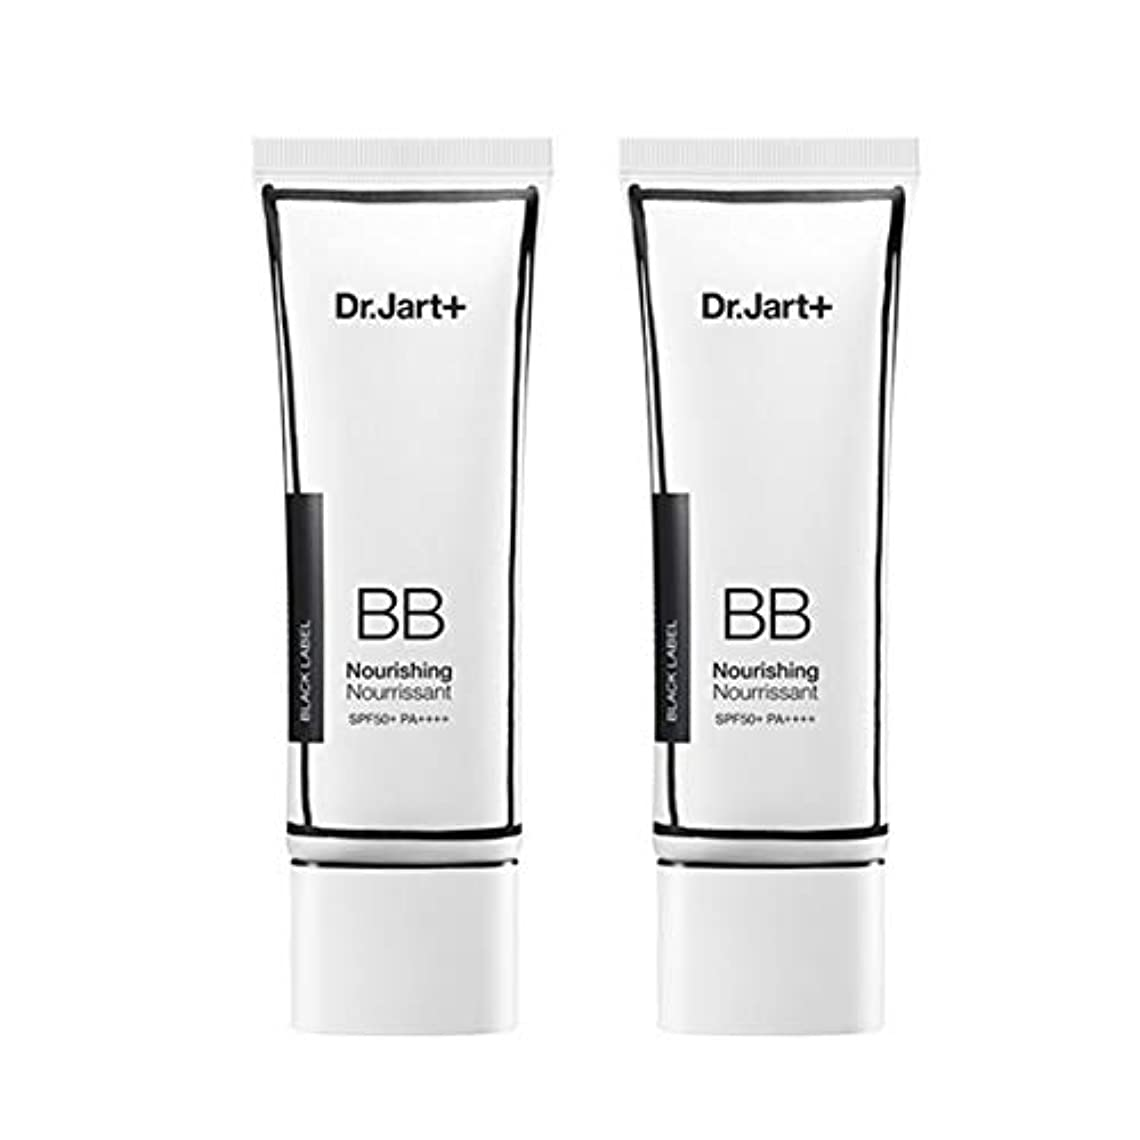 請願者退屈ないまドクタージャルトゥザメイクアップノリシンビューティーbalm 50ml x 2本セットBBクリーム、Dr.Jart Dermakeup Nourishing Beauty Balm 50ml x 2ea Set BB Cream [並行輸入品]